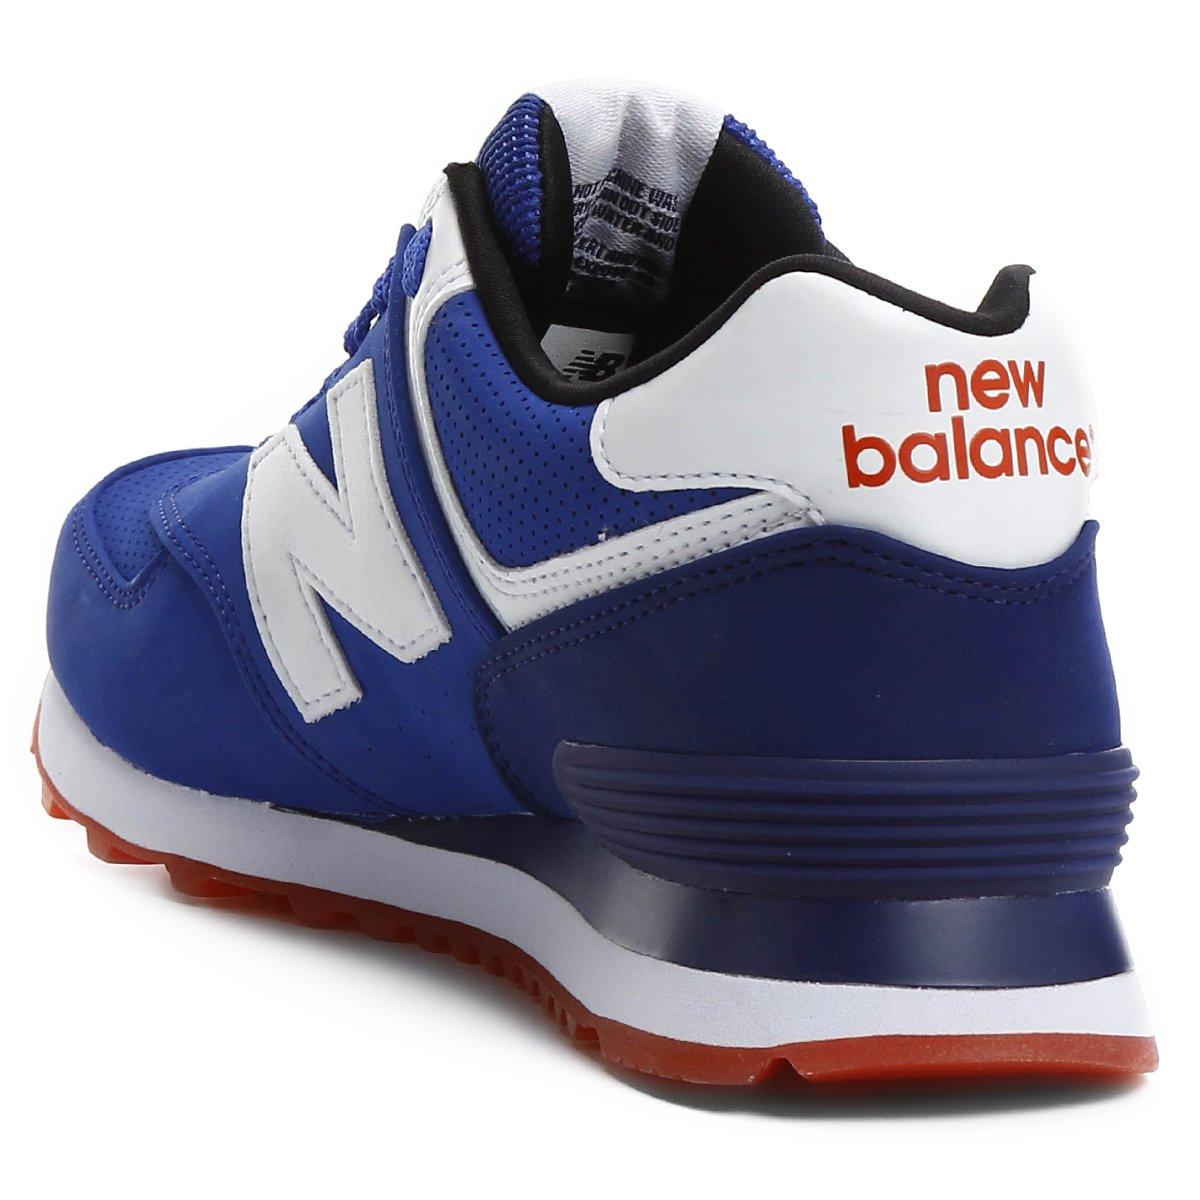 3183a3e80bd26 Tênis New Balance 574 State Fair - Compre Agora